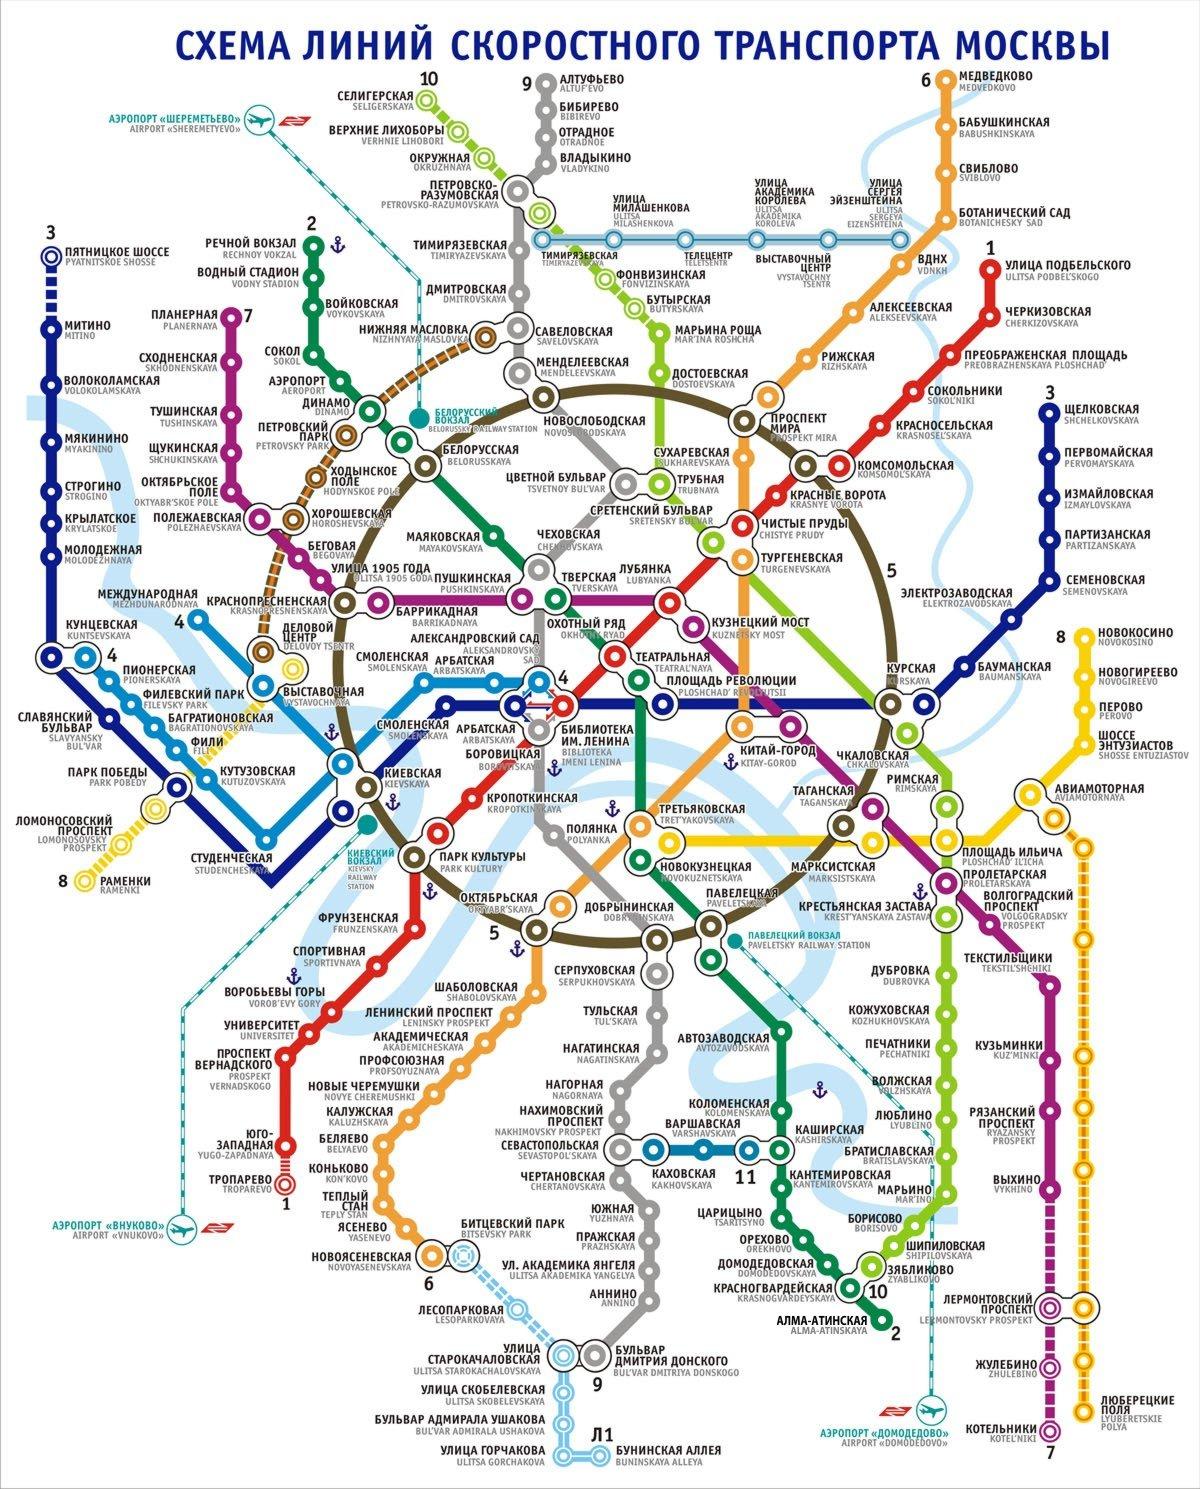 Будущие станции метро на схеме